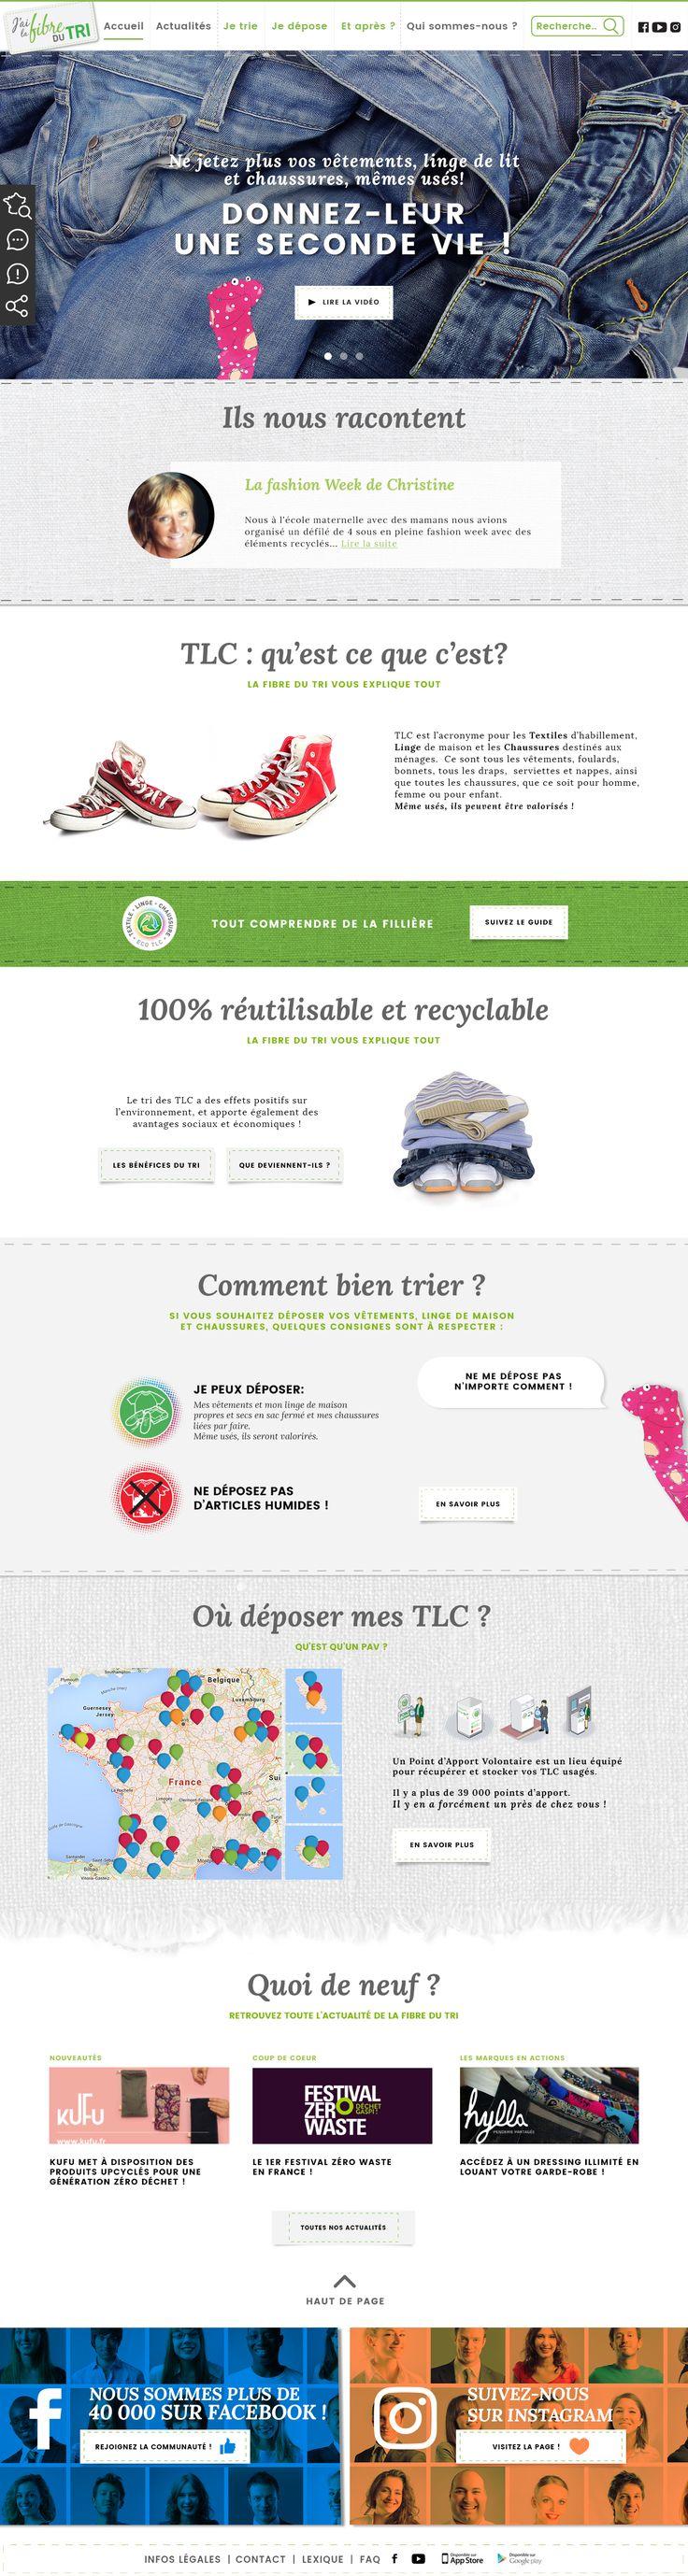 Je ne jette plus mes vêtements, mon linge de maison, ni mes chaussures, même lorsqu'ils sont usés ! JE LEUR DONNE  UNE SECONDE VIE! #lafibredutri #ecologie #recyclage